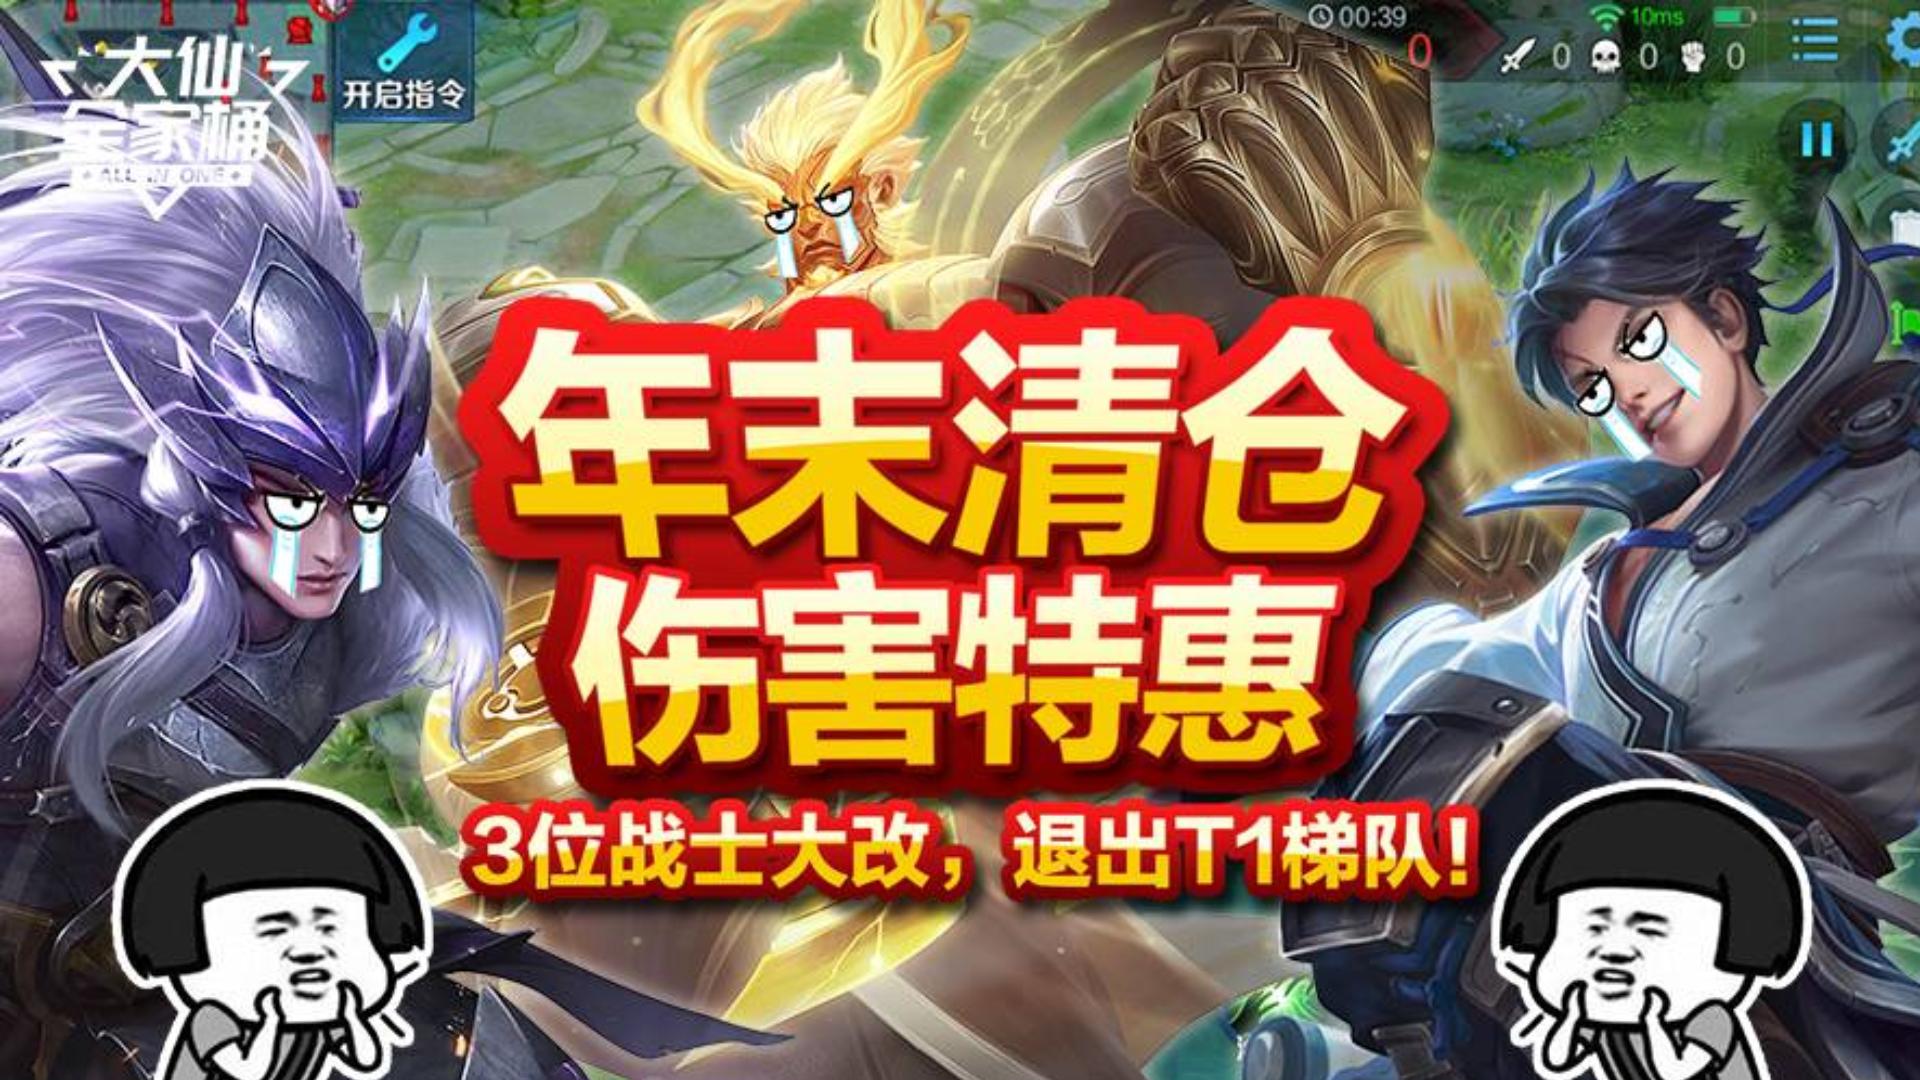 王者荣耀张大仙:年末伤害对半砍!这俩英雄因修复BUG惨遭削弱?